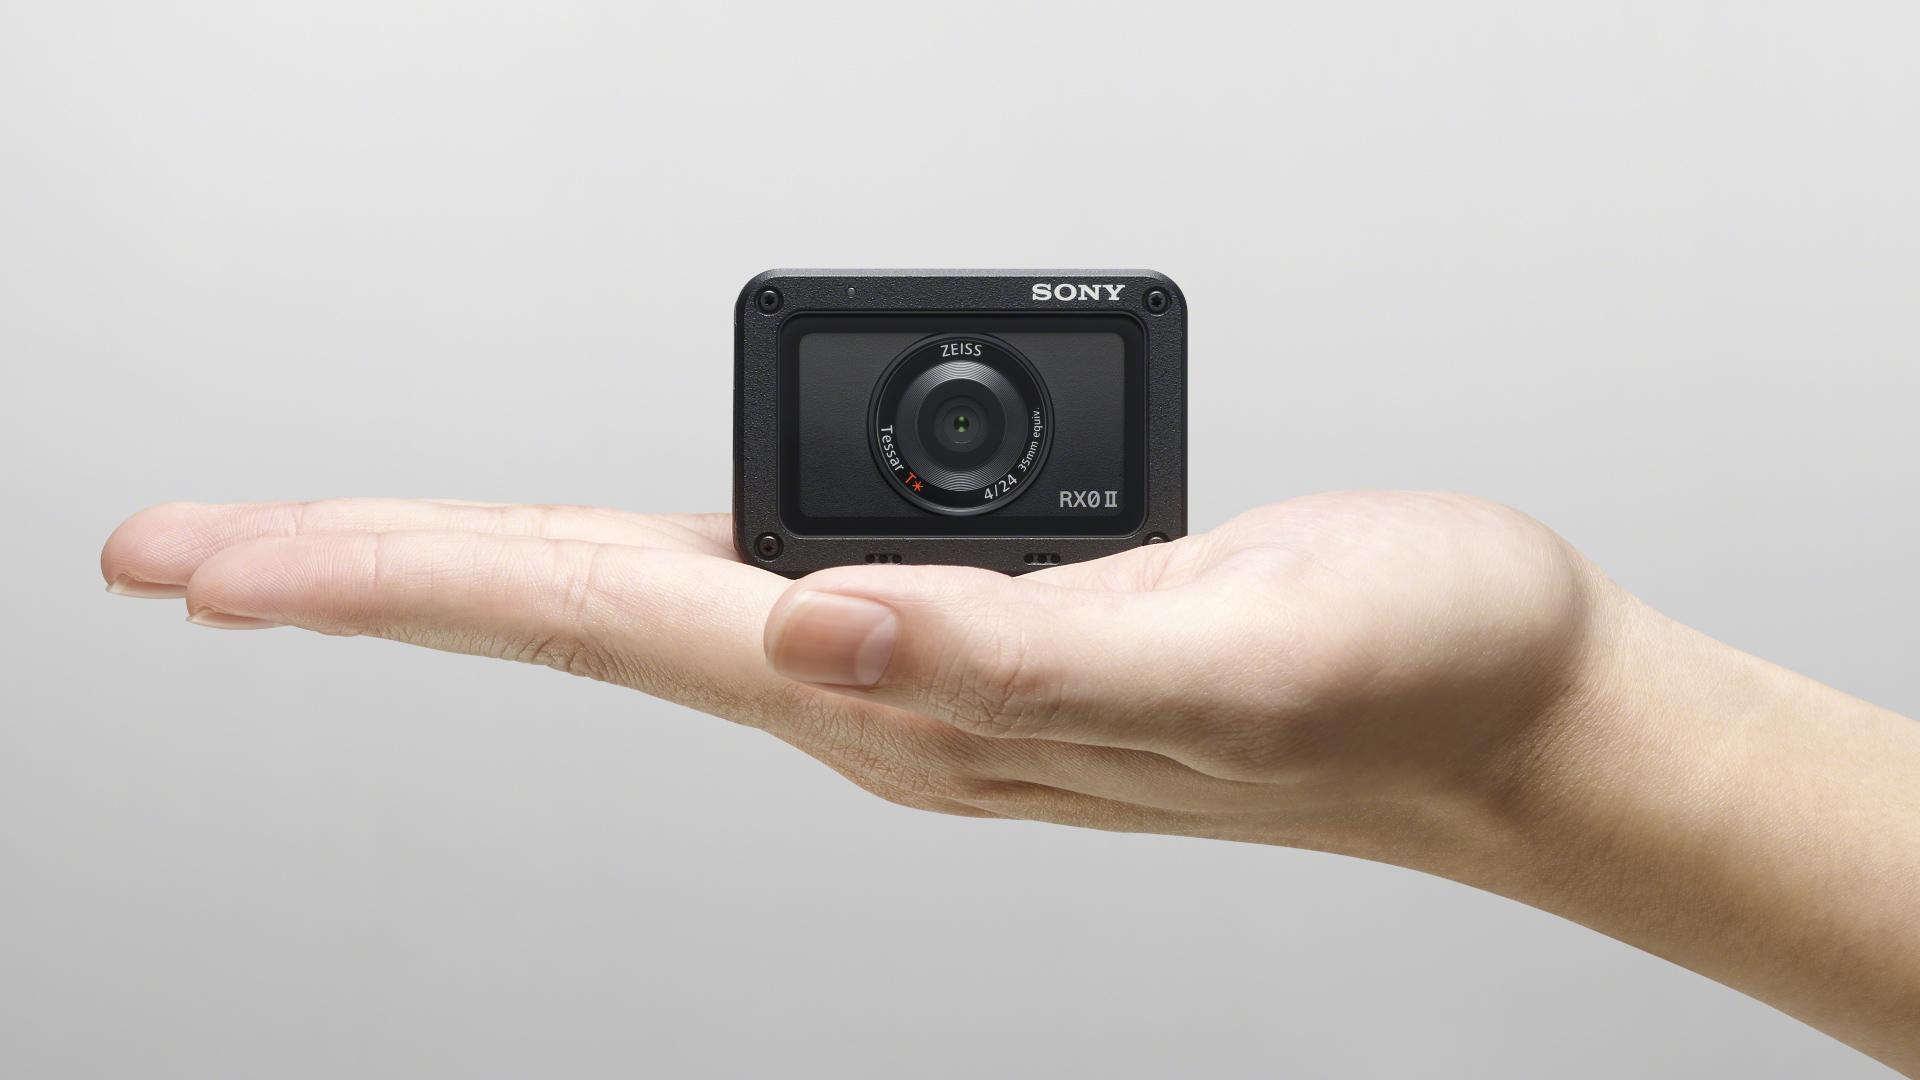 ソニーがRX0 IIを発表 - 内部4K記録、手振れ補正、フリップスクリーンを搭載